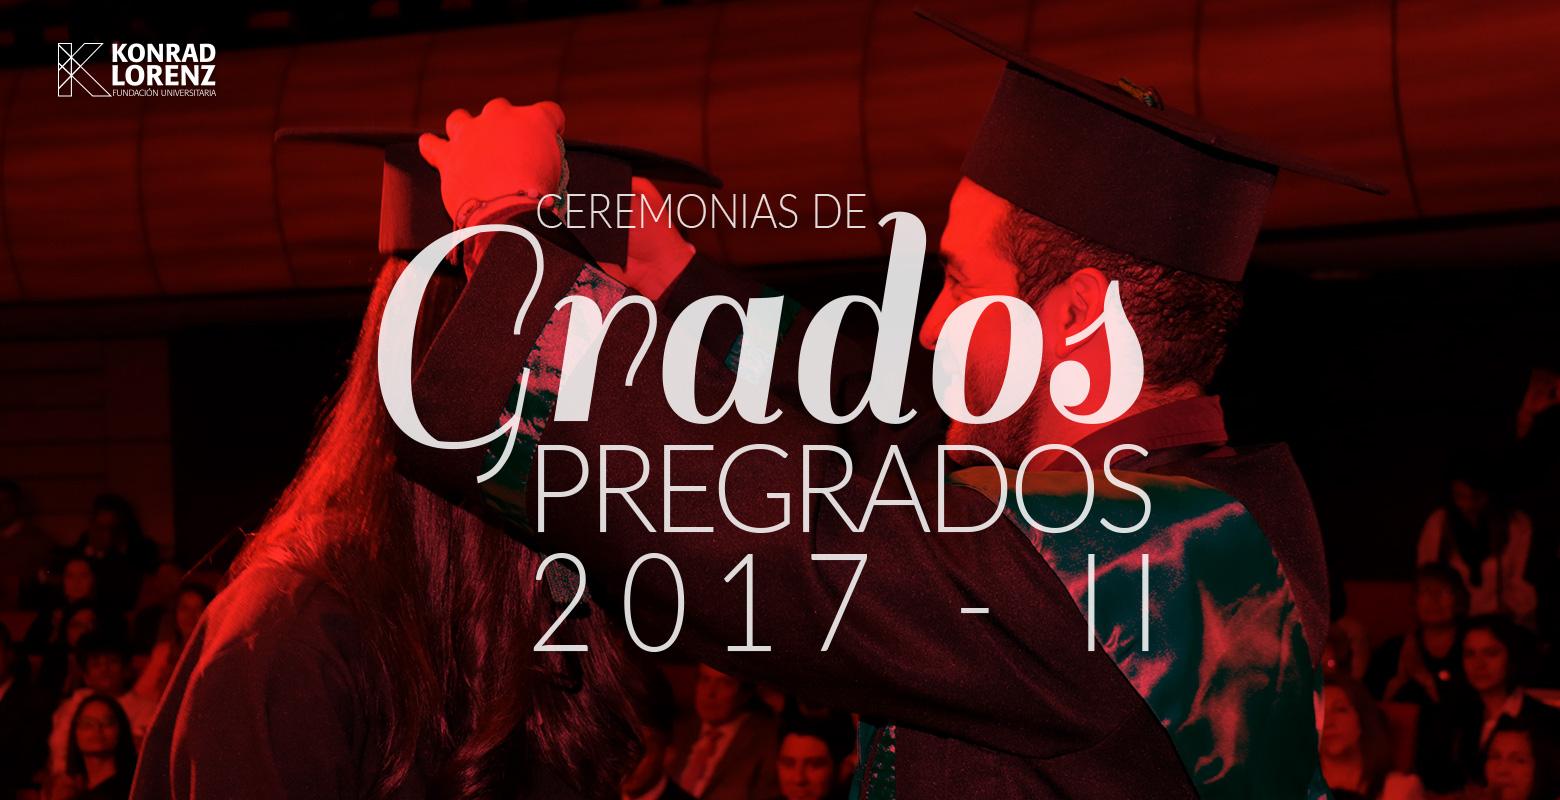 Ceremonias de Graduación Pregrados 2017-2